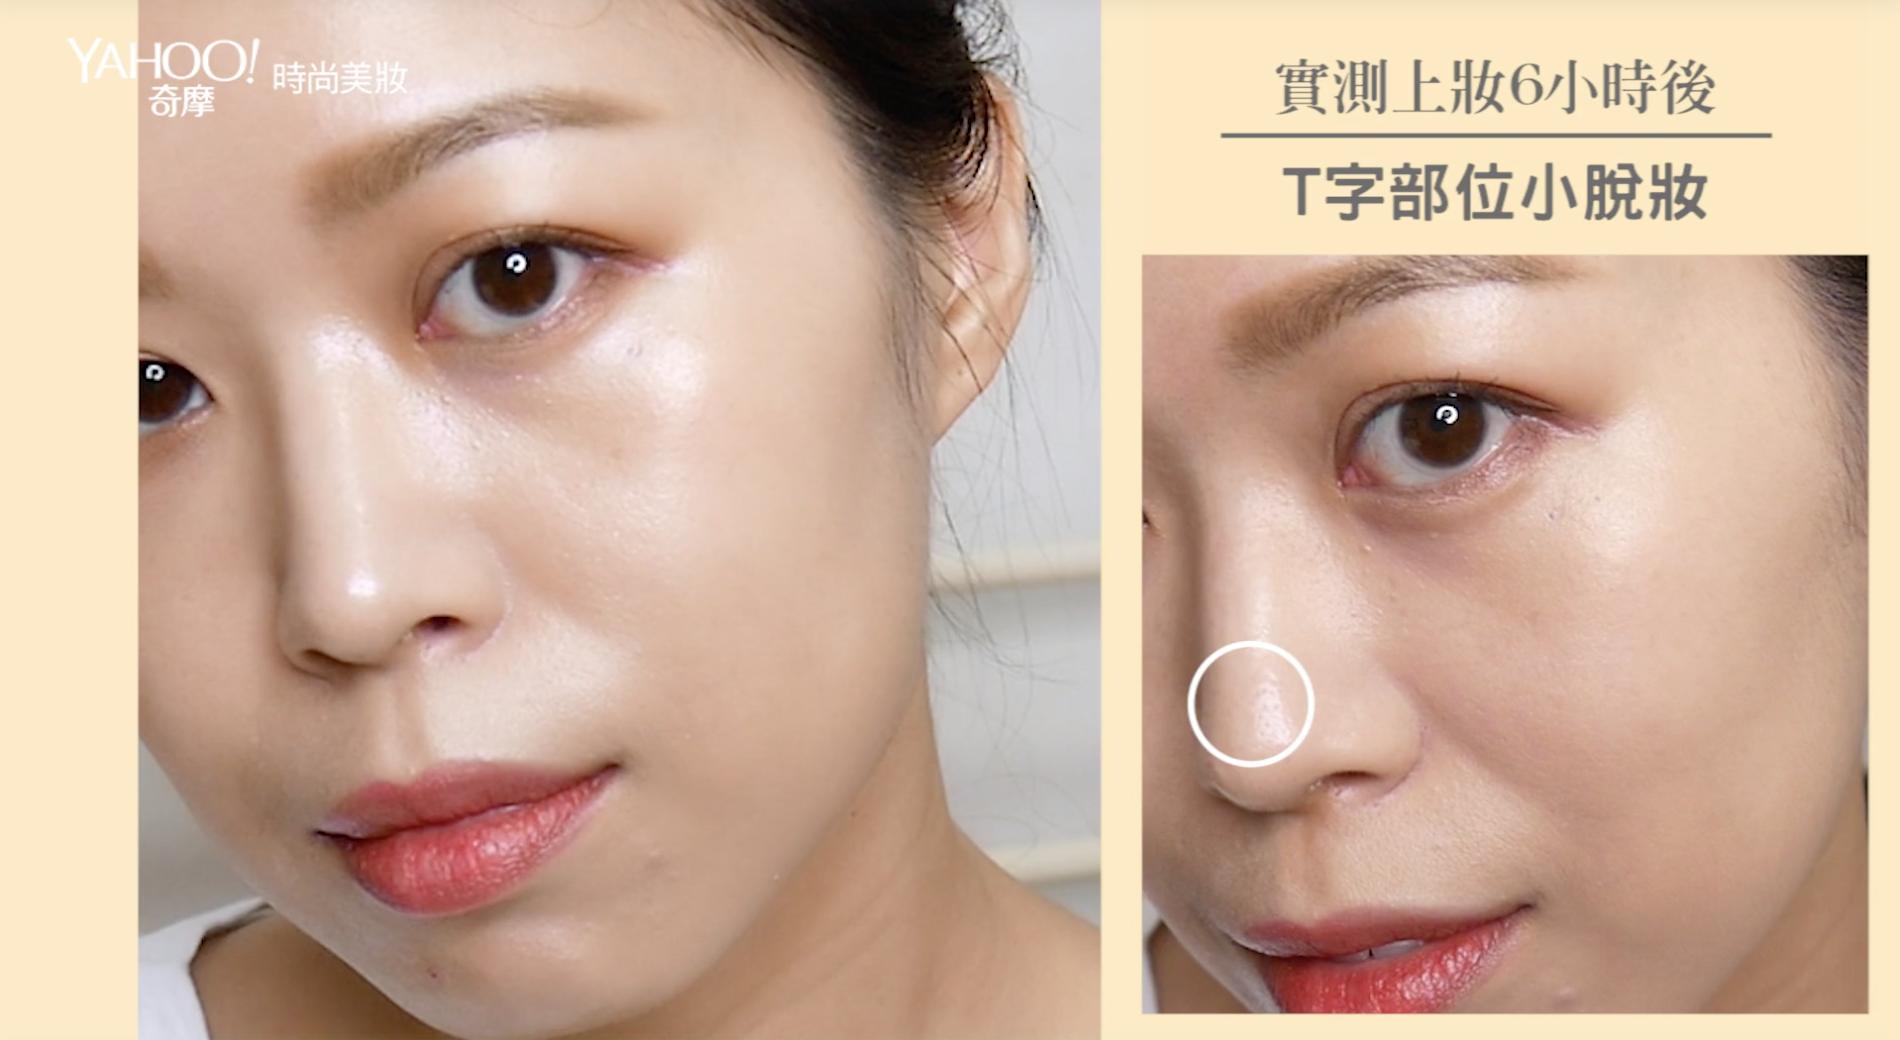 經過6小時肌膚依舊持續細緻水光,僅T字部位有小脫妝的狀況